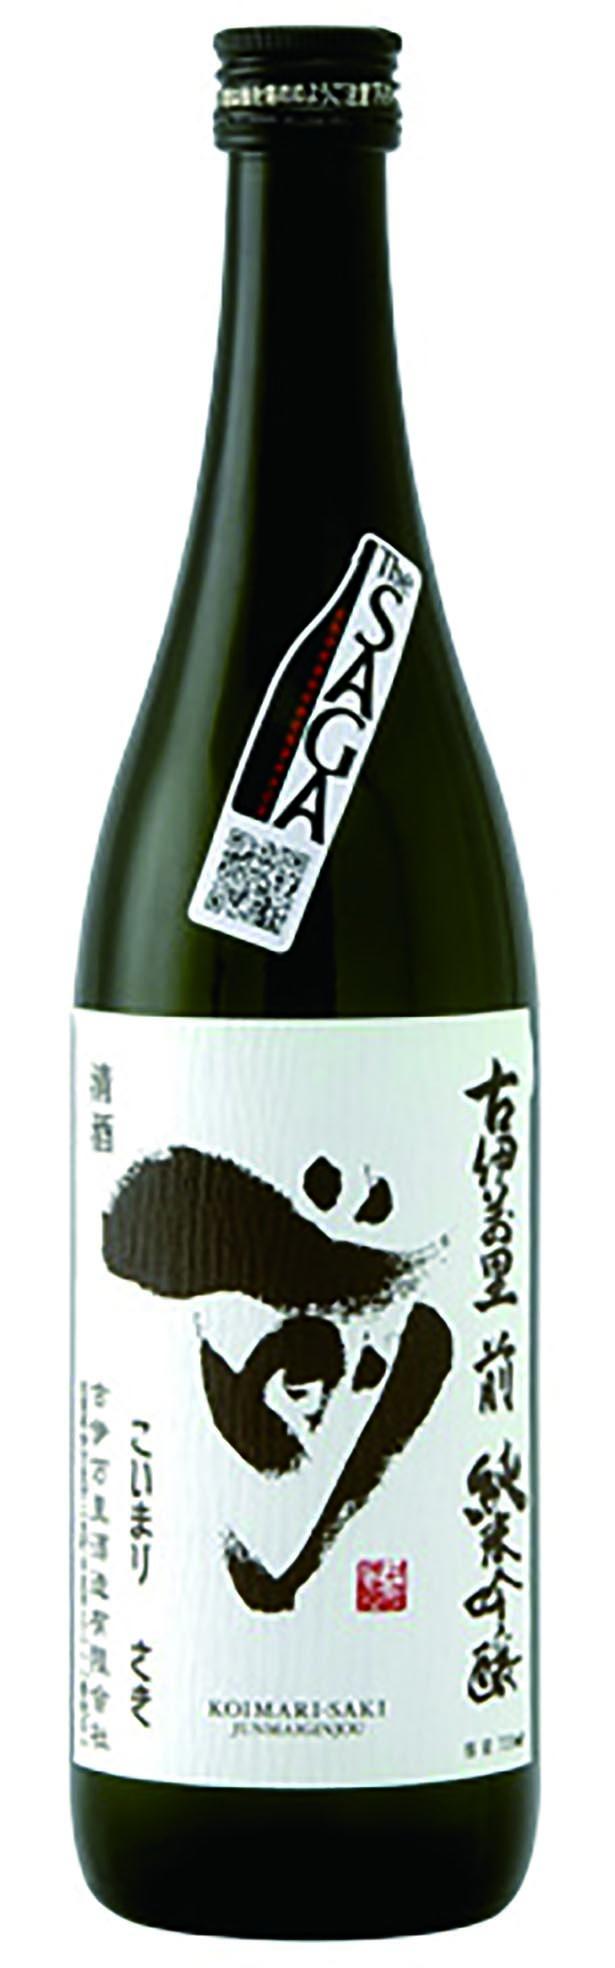 「古伊万里 前(さき) 純米吟醸」(古伊万里酒造)。「全米日本酒歓評会2013吟醸部門」でグランプリを受賞。※銘柄は毎月更新されます